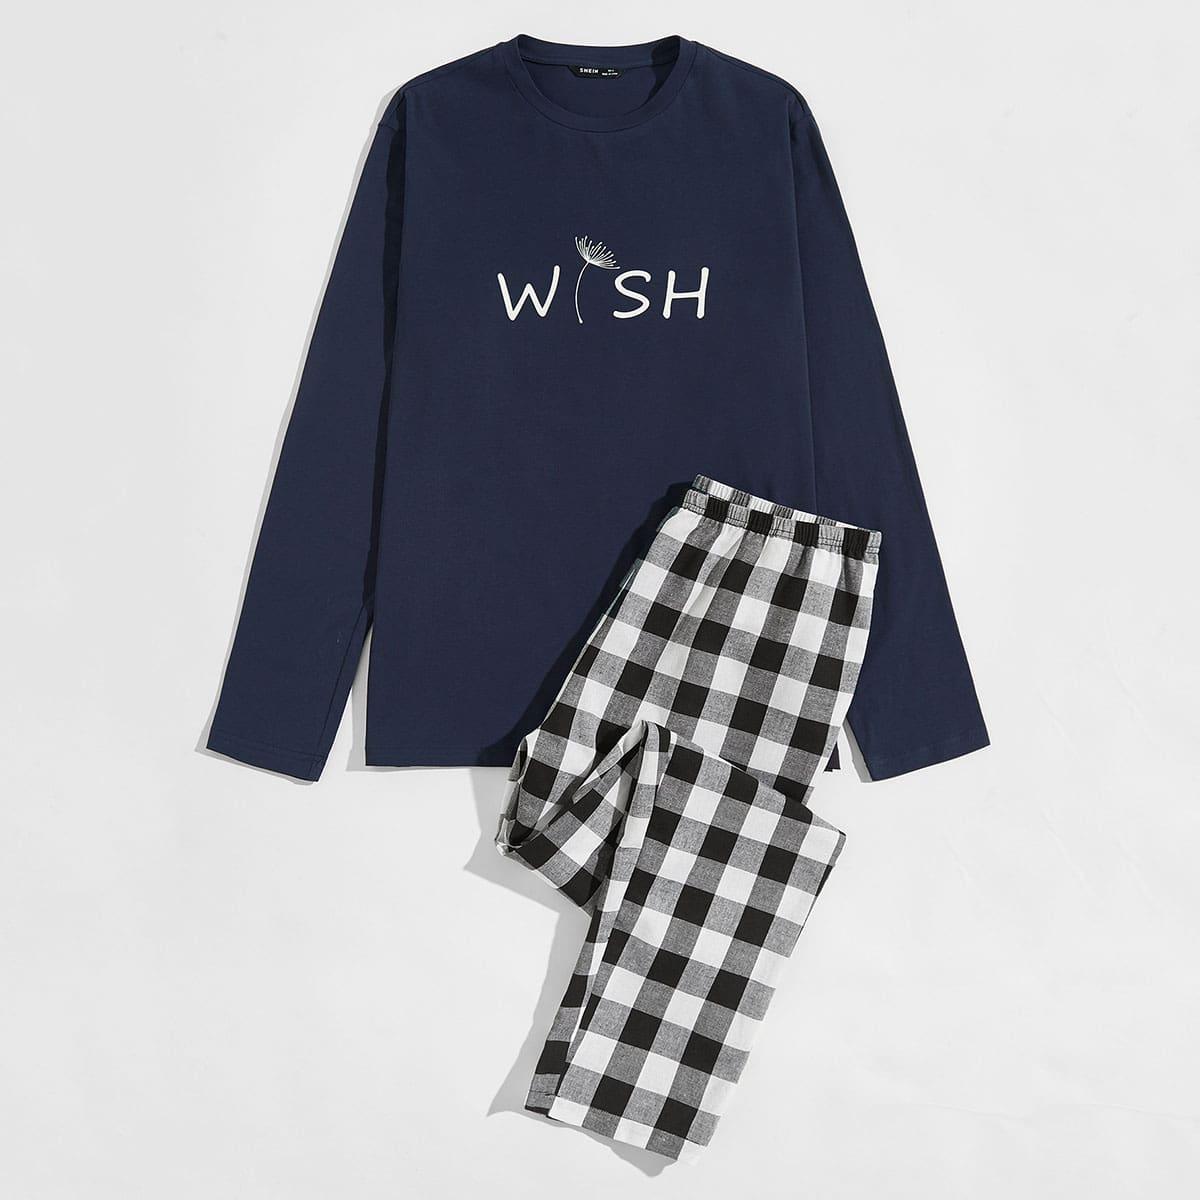 Мужская пижама в клетку с текстовым принтом